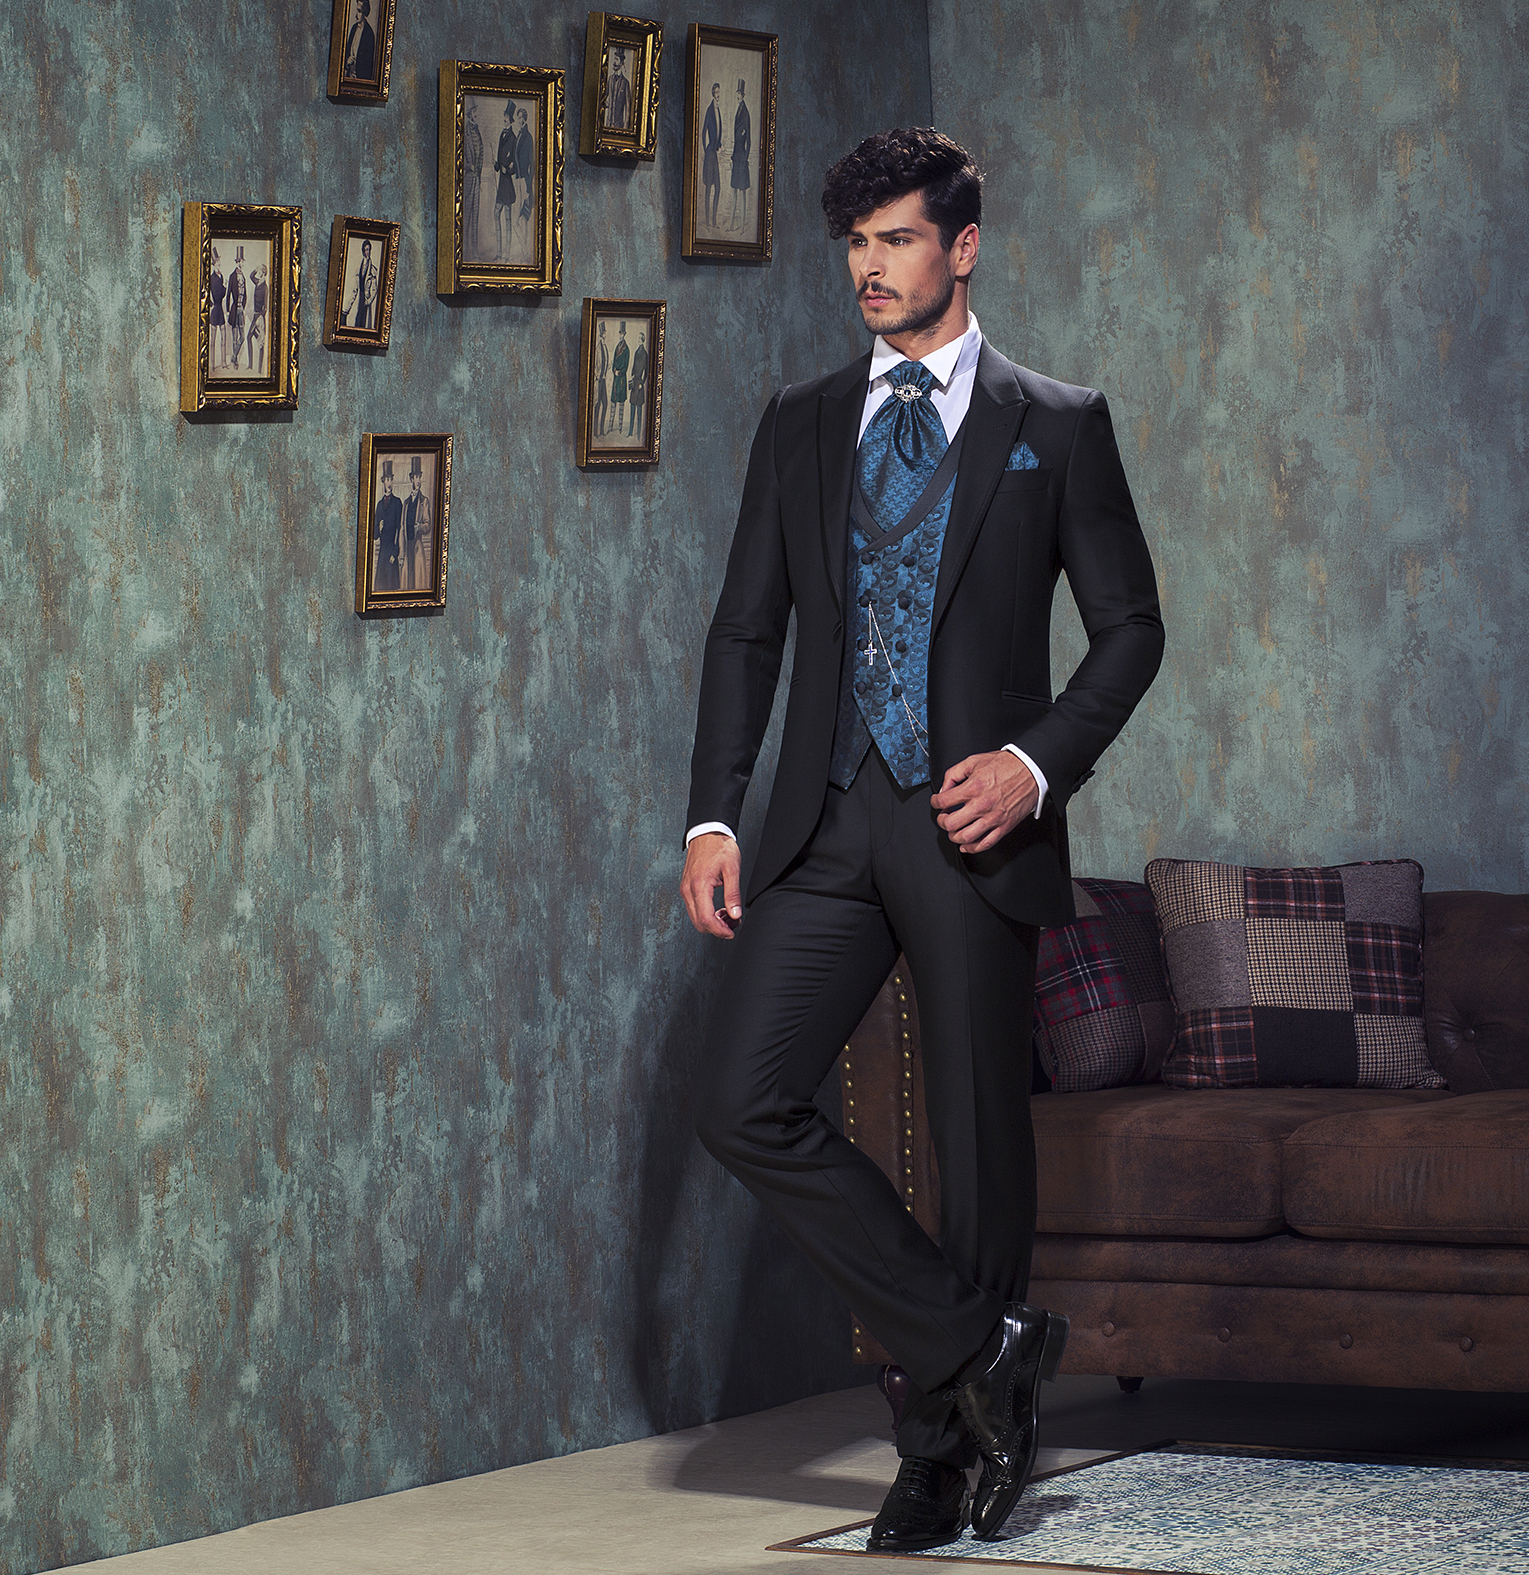 ltimas tendencias en trajes de novio 2018 On ultimas tendencias en trajes de hombre